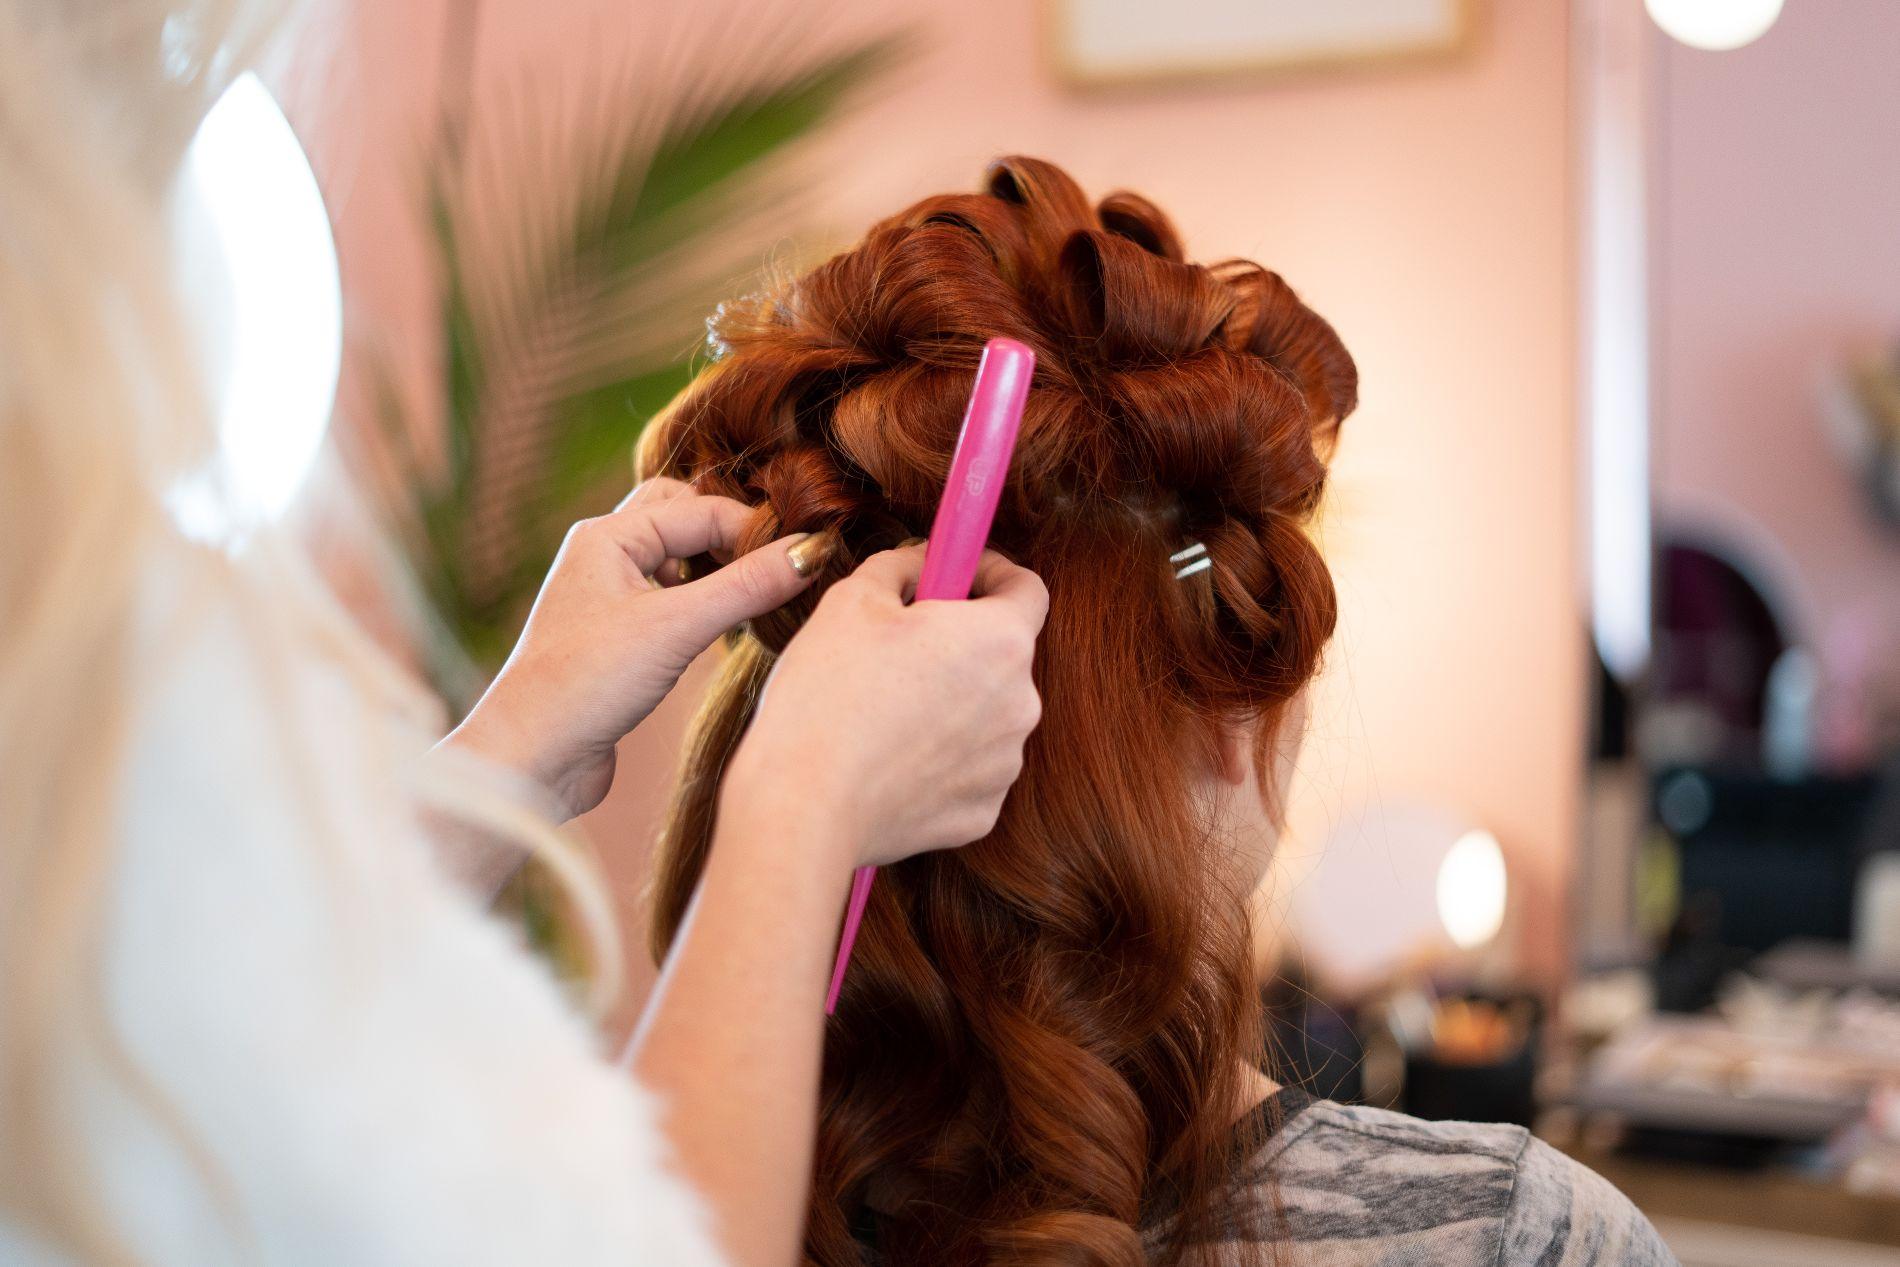 В Крымске выявили коронавирус у парикмахера, которая стригла людей ...